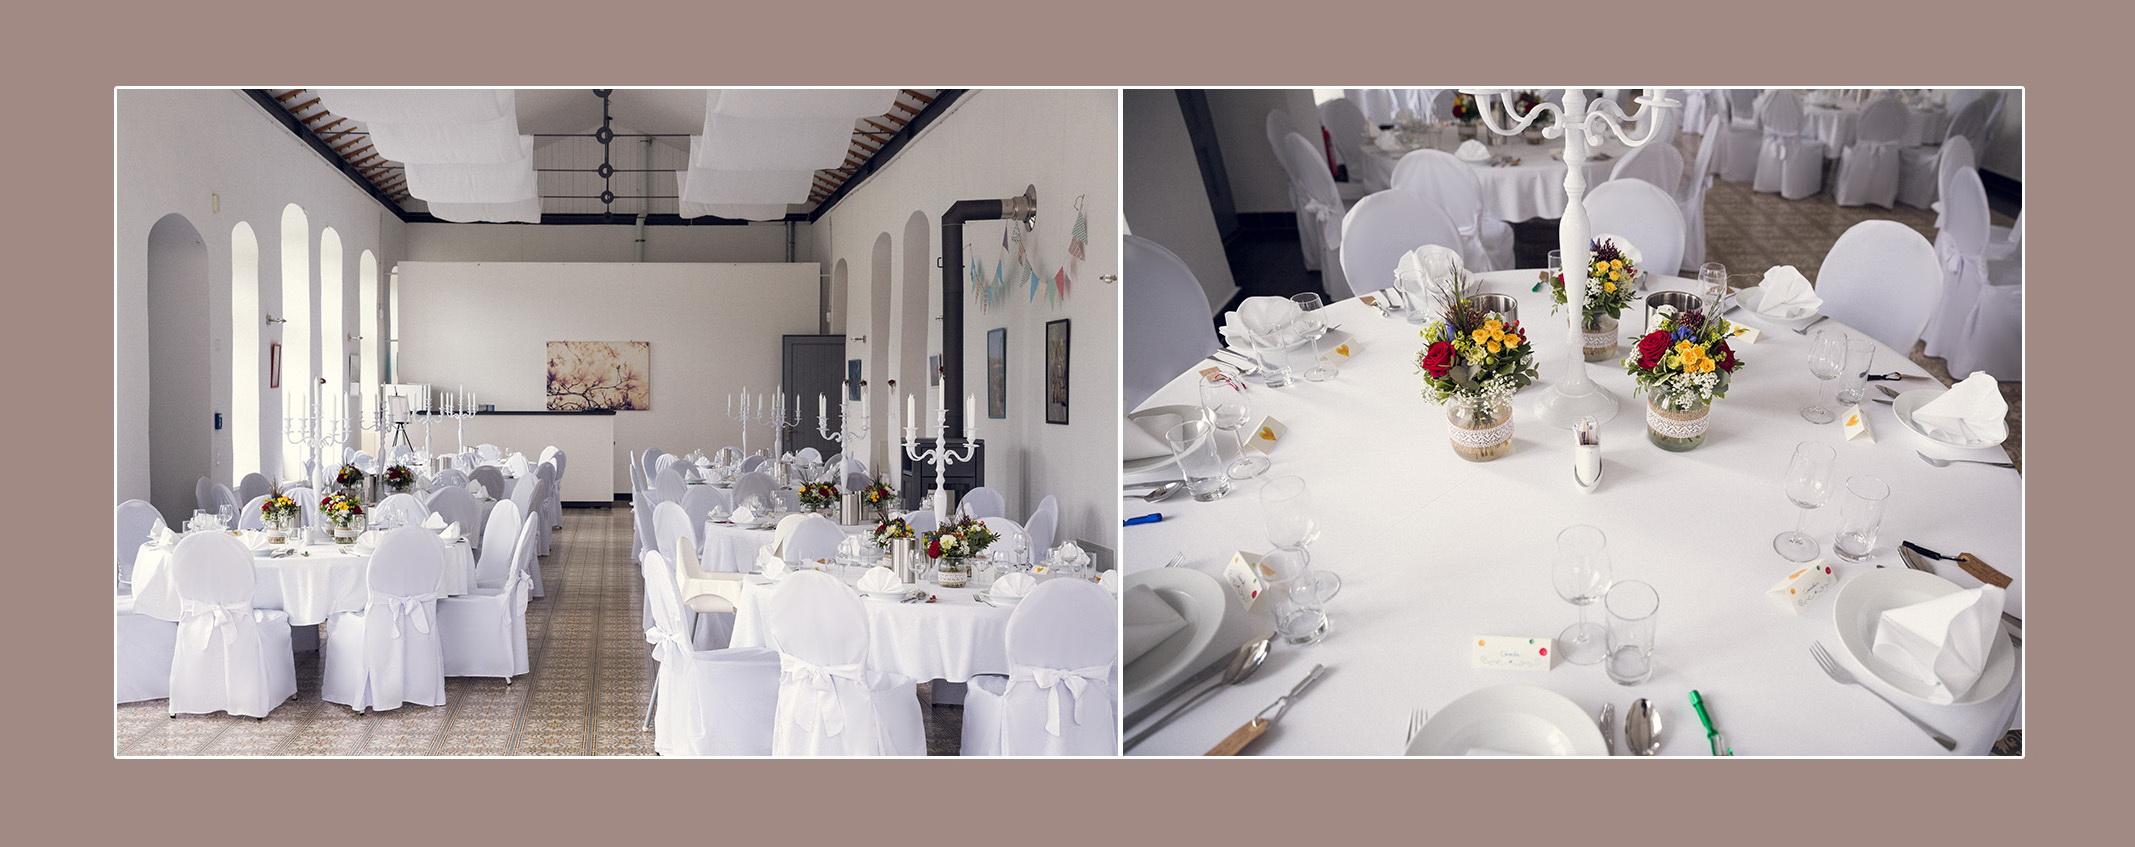 Gut Zichtau - Hochzeitslocation in Gardelegen, Wolfsburg